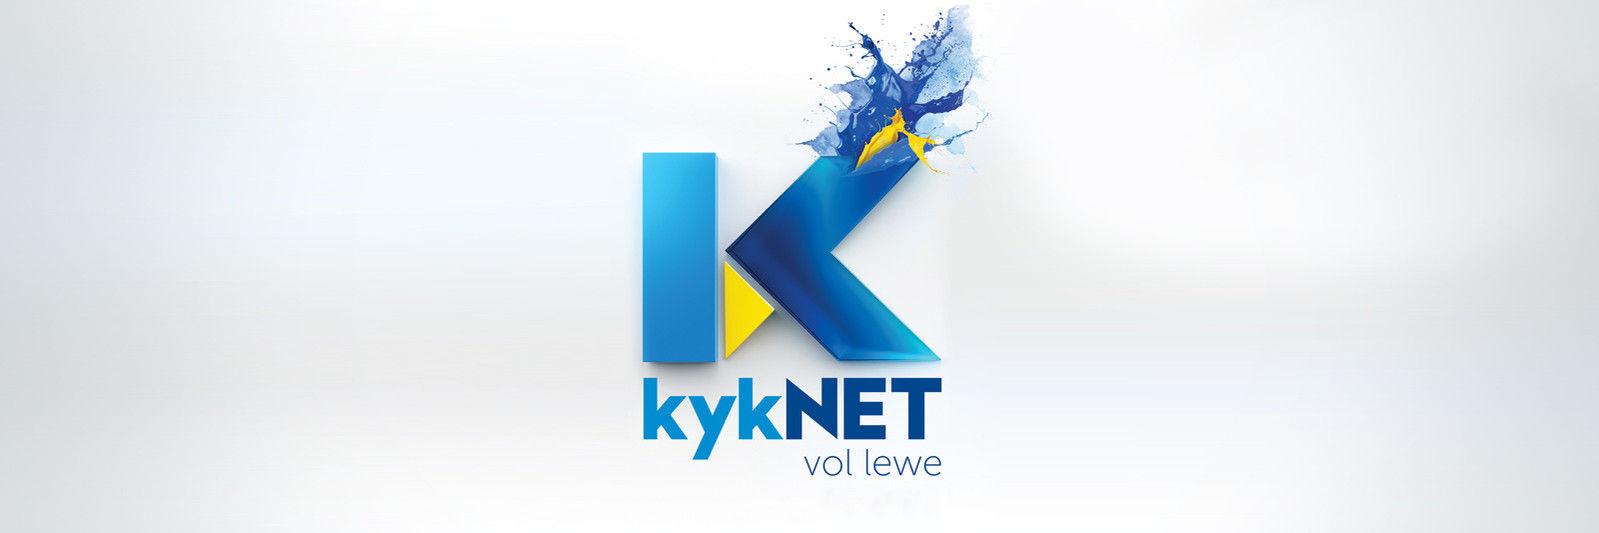 27 kyknet brand story 004 pre